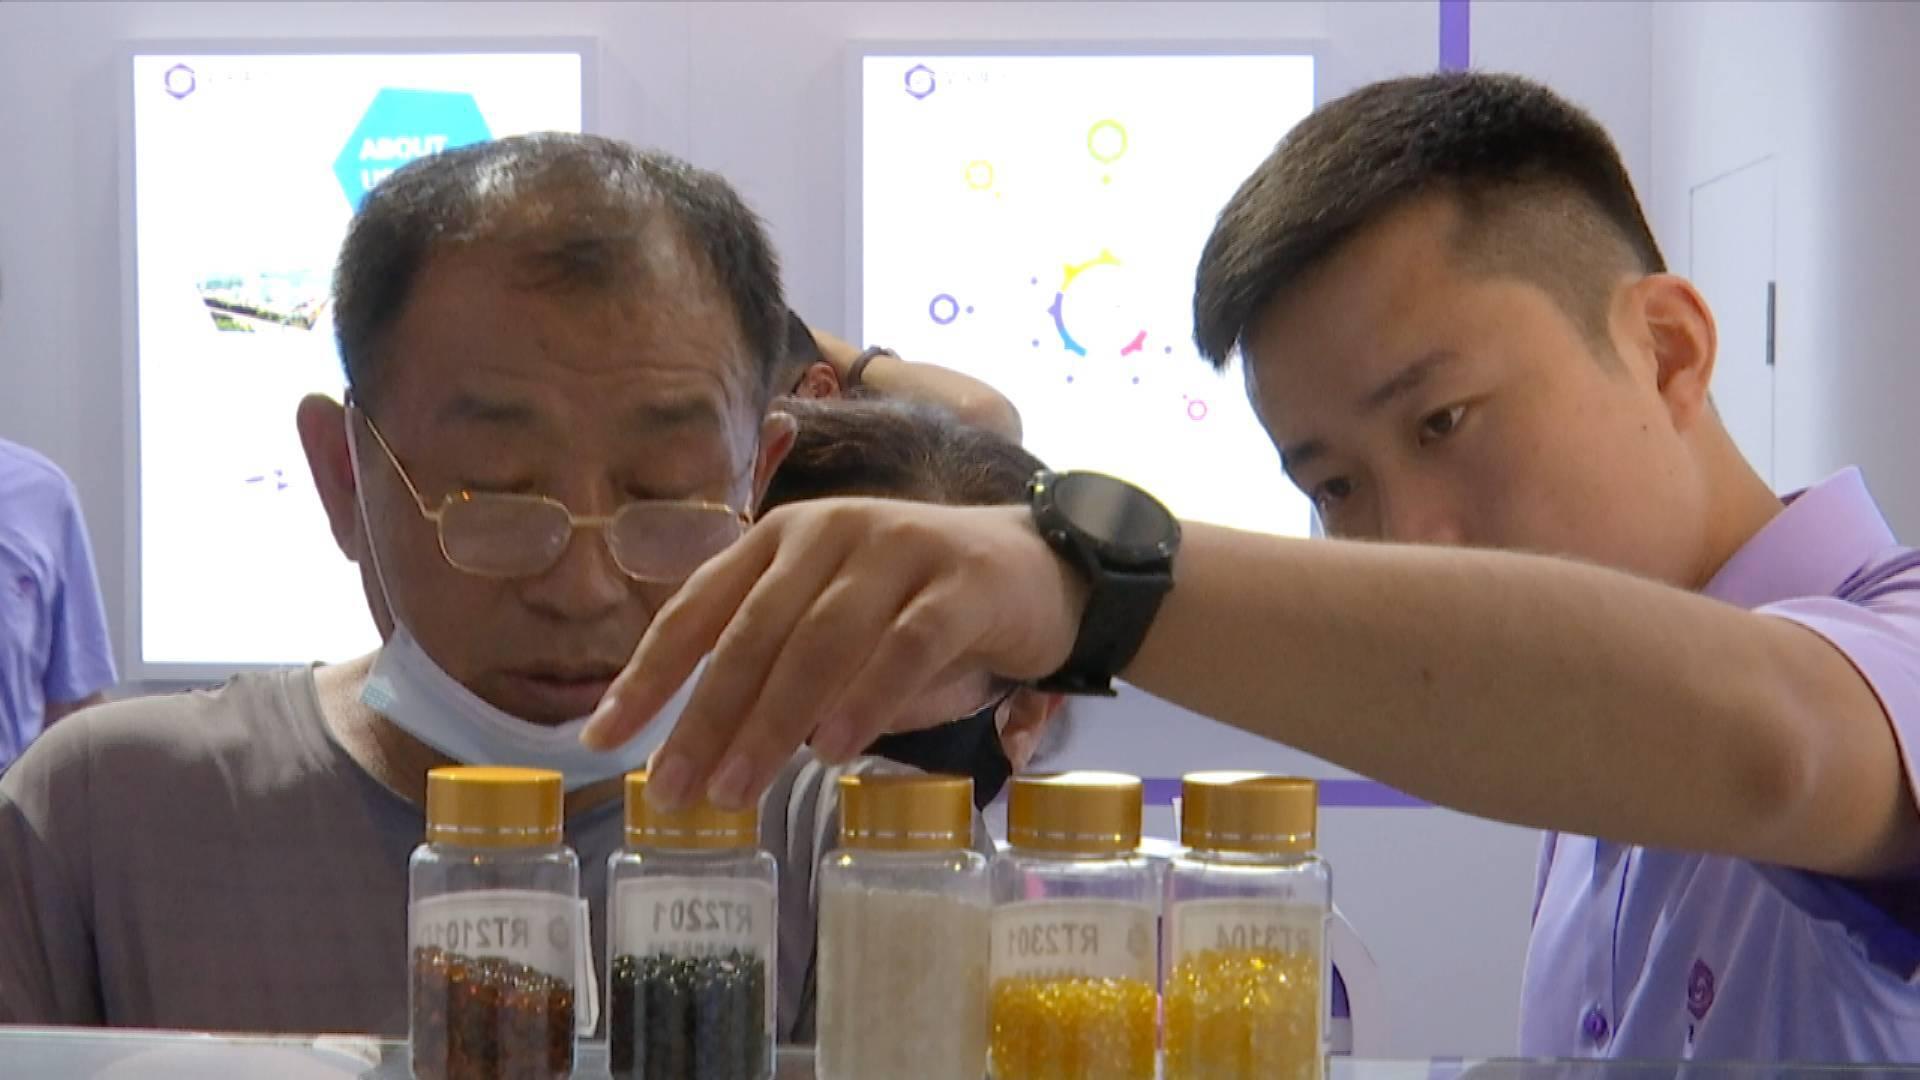 第18届中国国际橡胶技术展览会|绿色环保新材料亮相橡胶展 助力碳达峰、碳中和